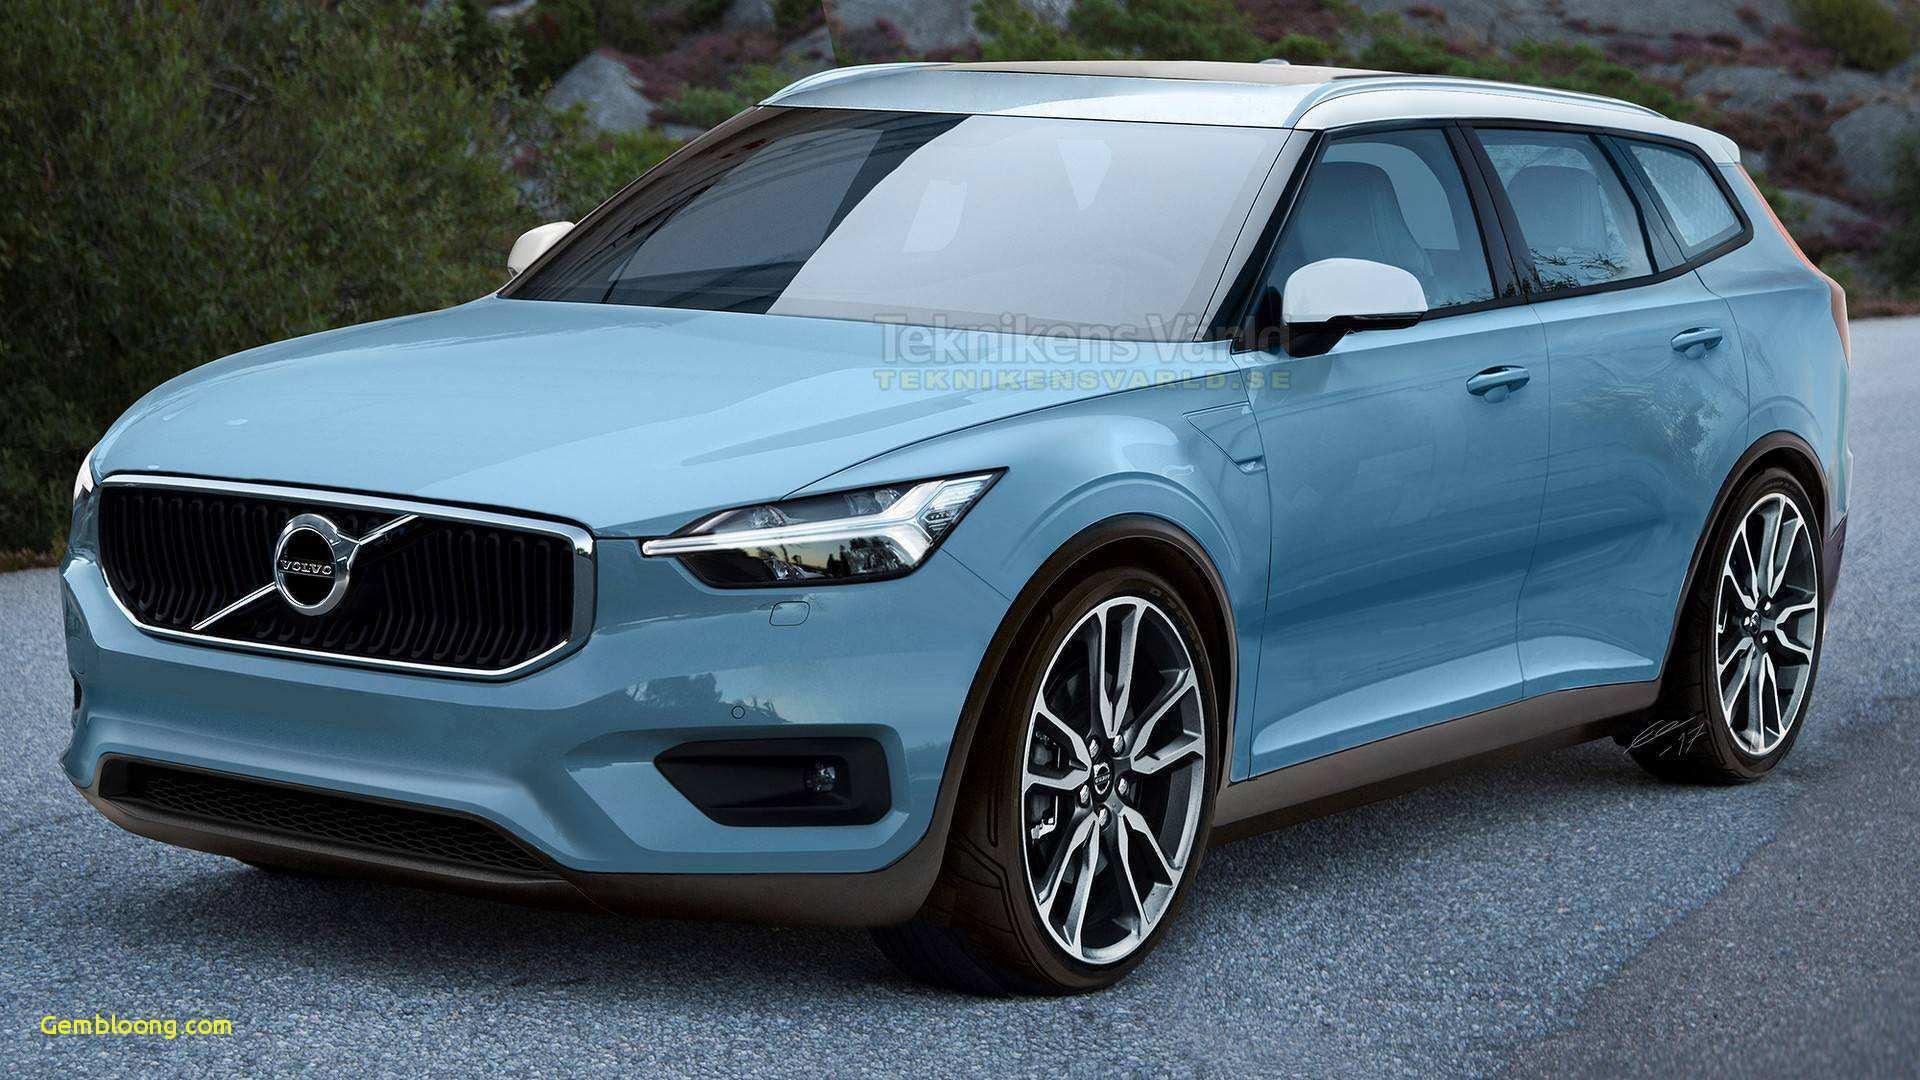 15 New Volvo Wizja 2020 Rumors for Volvo Wizja 2020